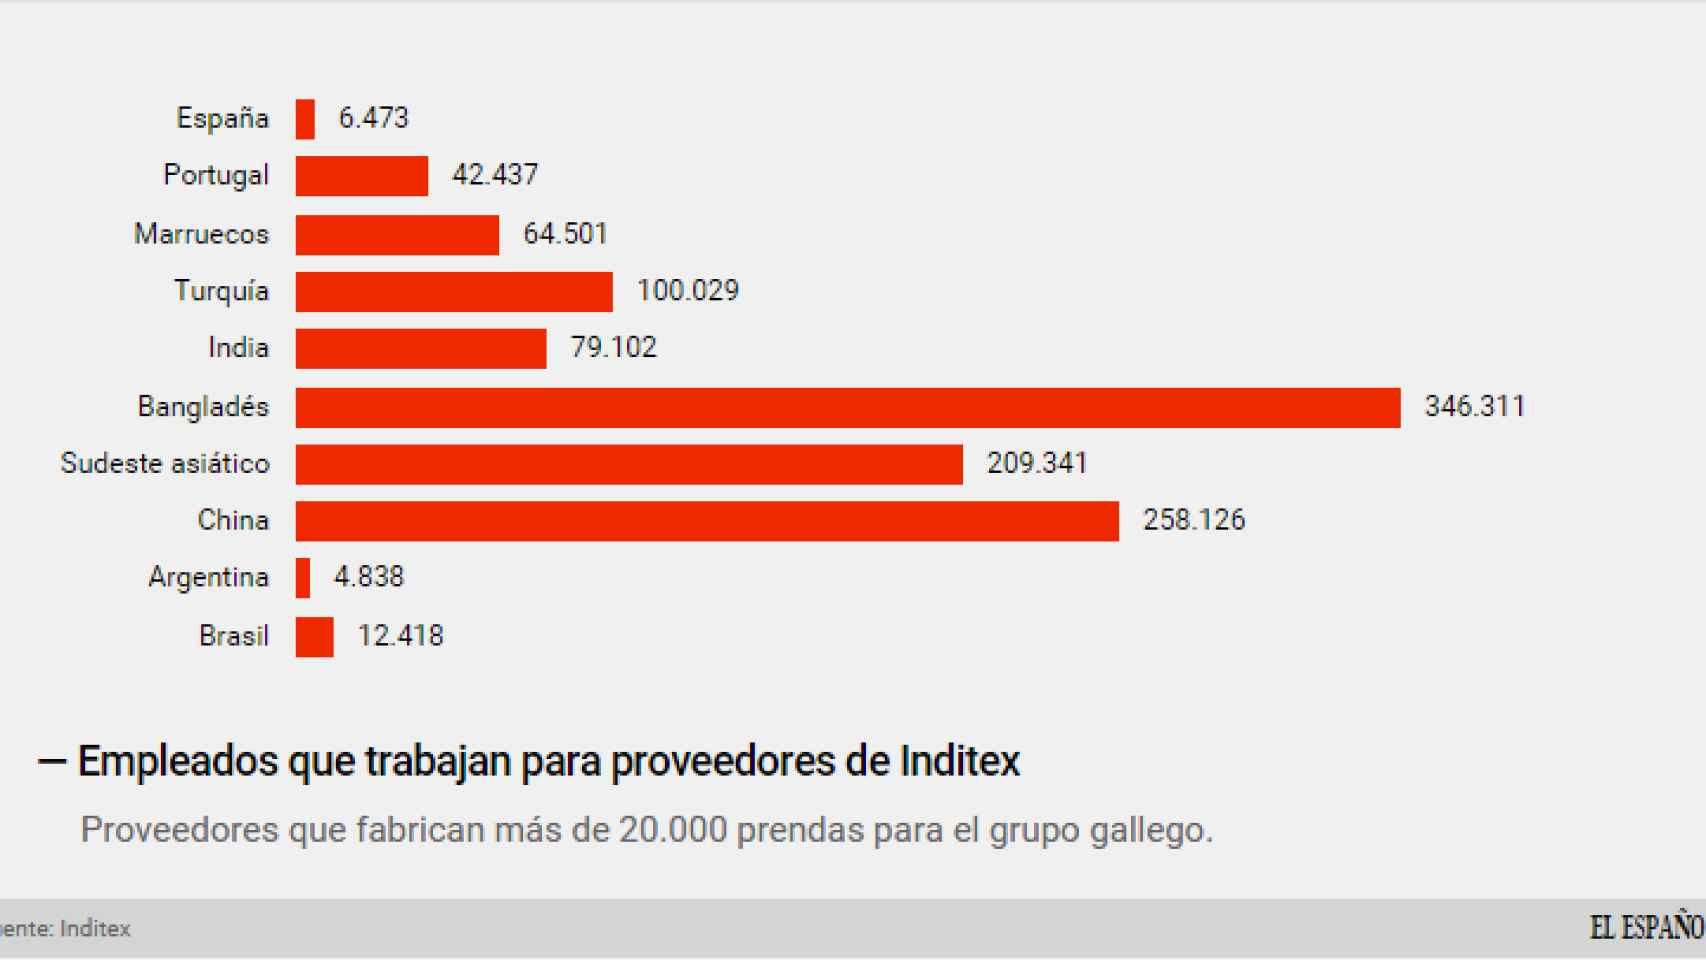 Plantillas de los proveedores de Inditex